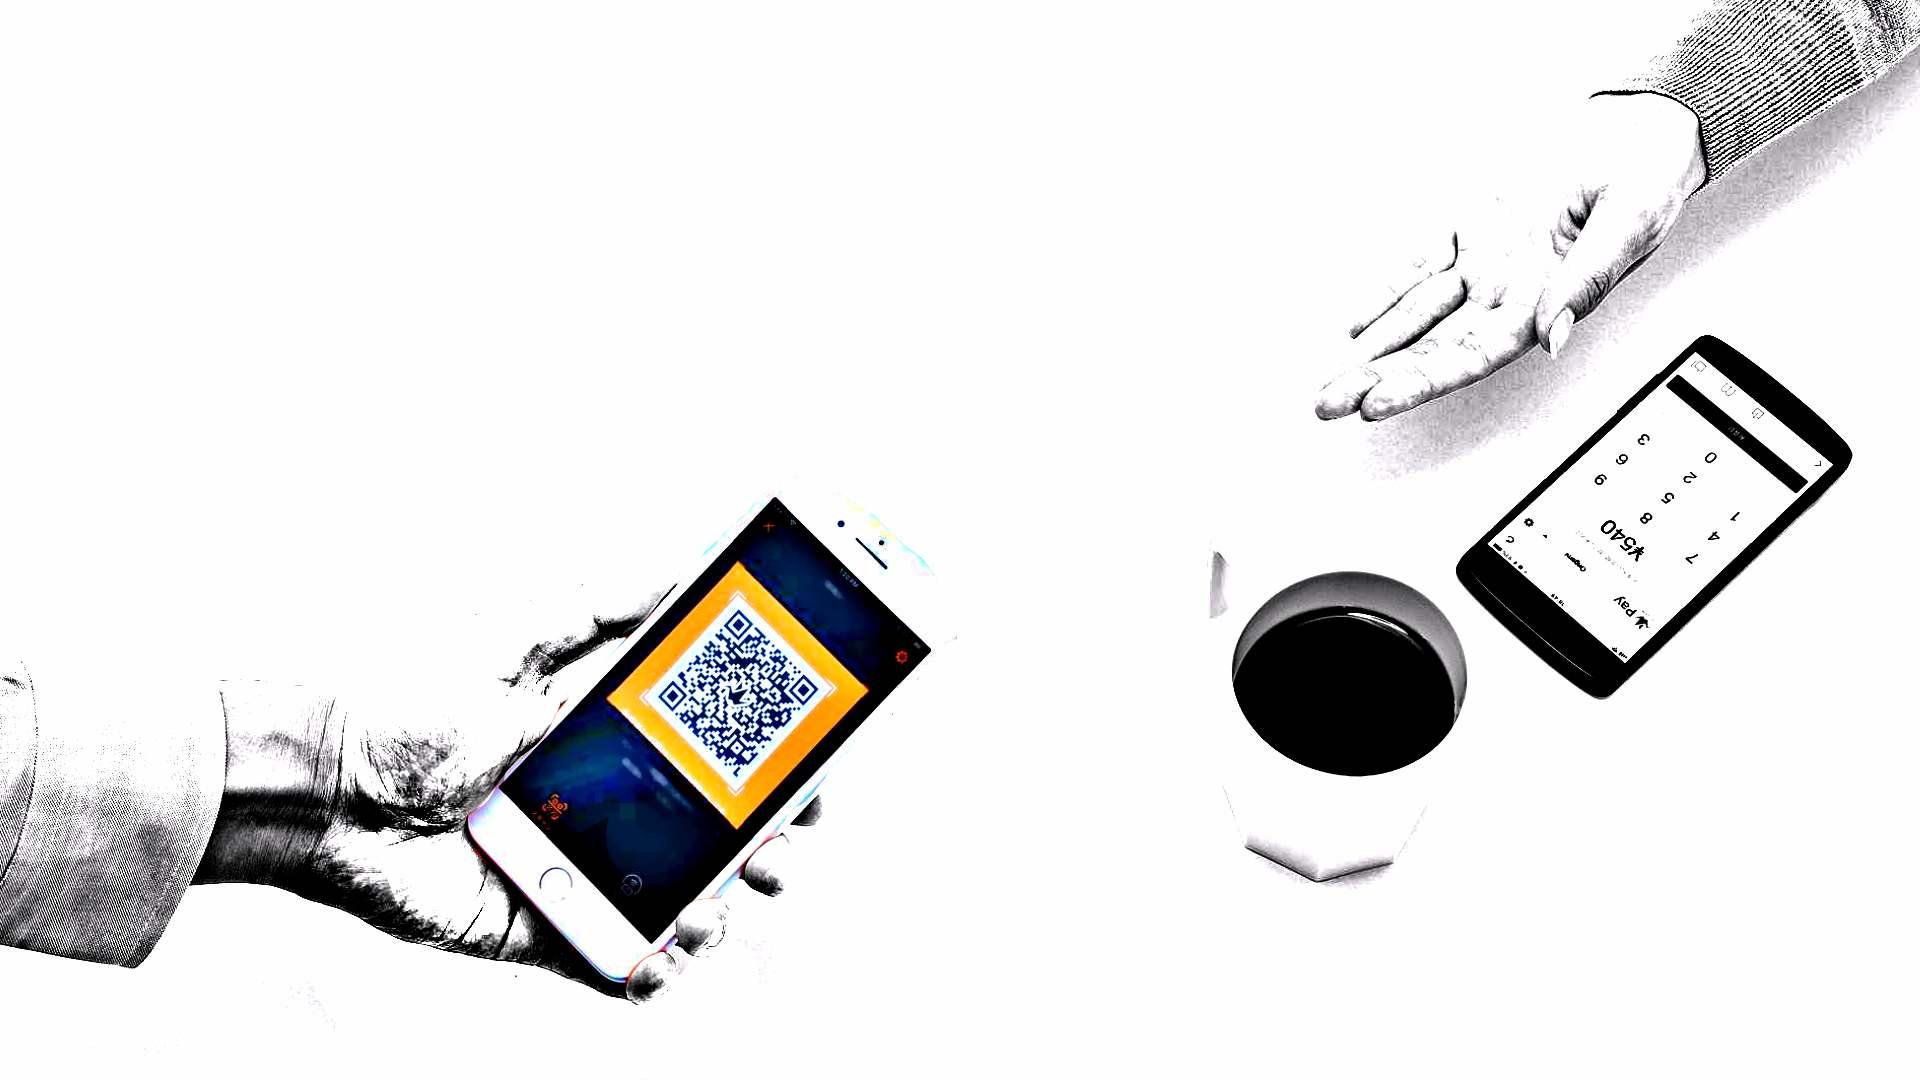 europai fizetesi kezdemenyezes egyseges mobilfizetes mobiltarca